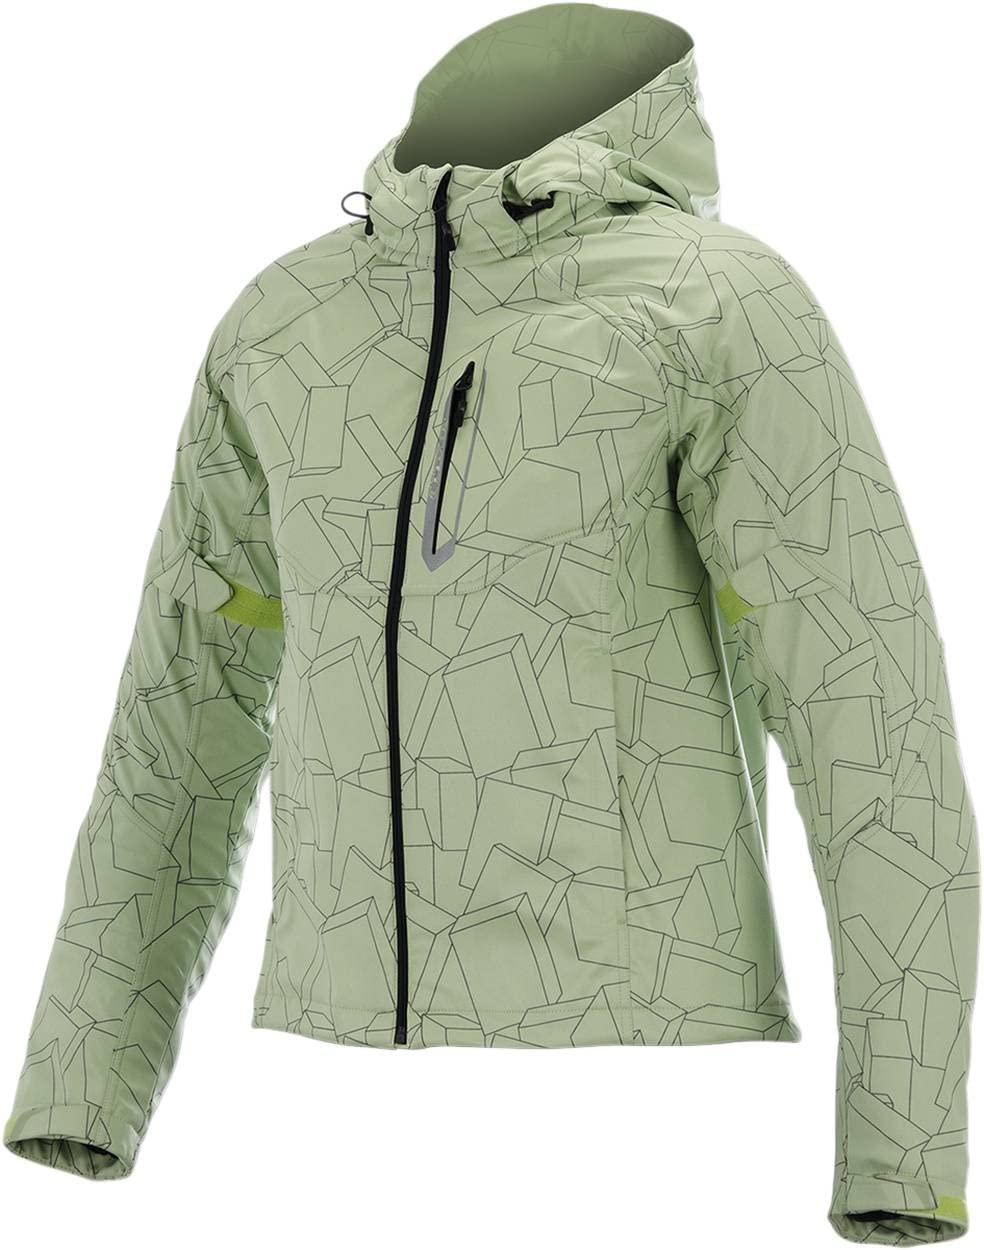 Alpinestars Stella Spark Women's Softshell Jacket (Green/Black, Medium)